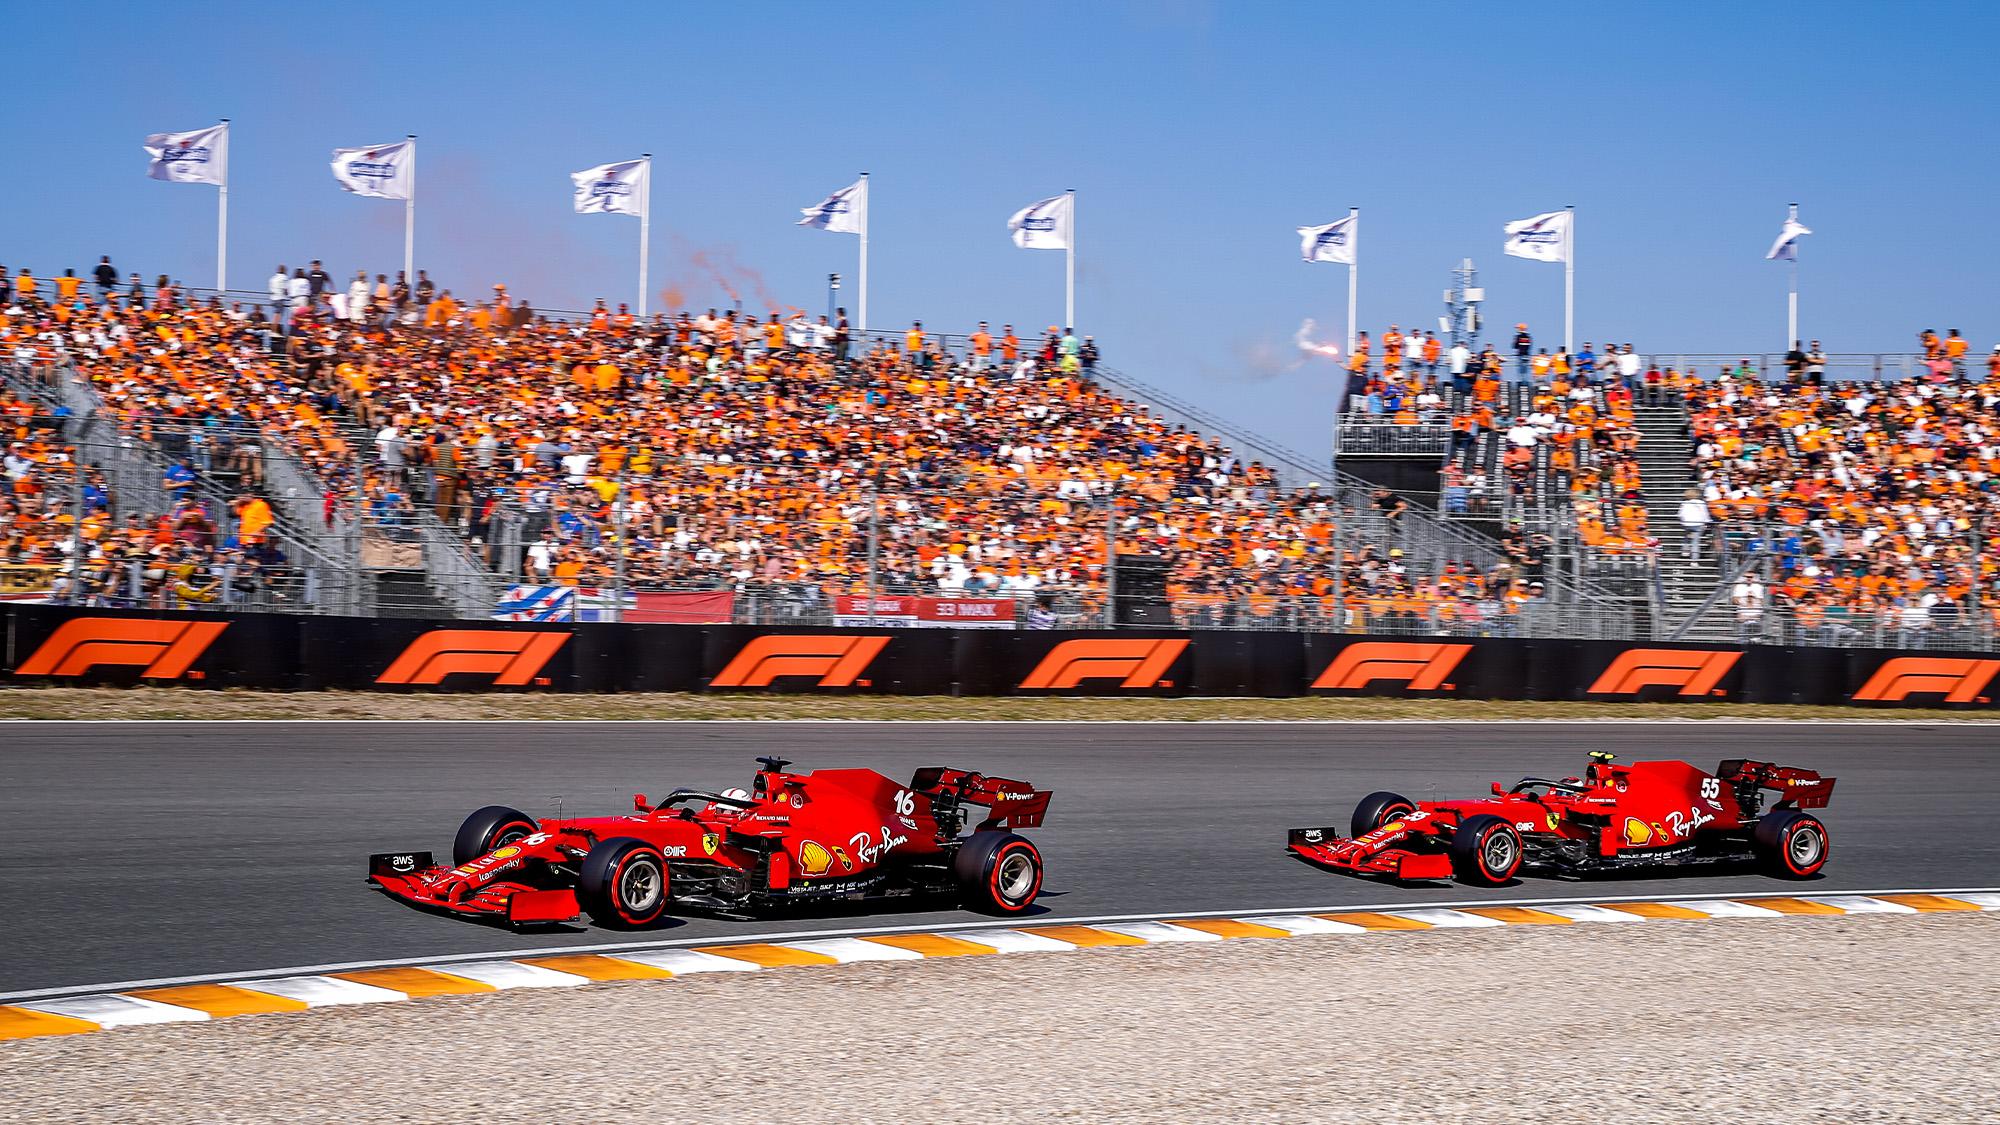 Charles Leclerc and Carlos Sainz at Zandvoort